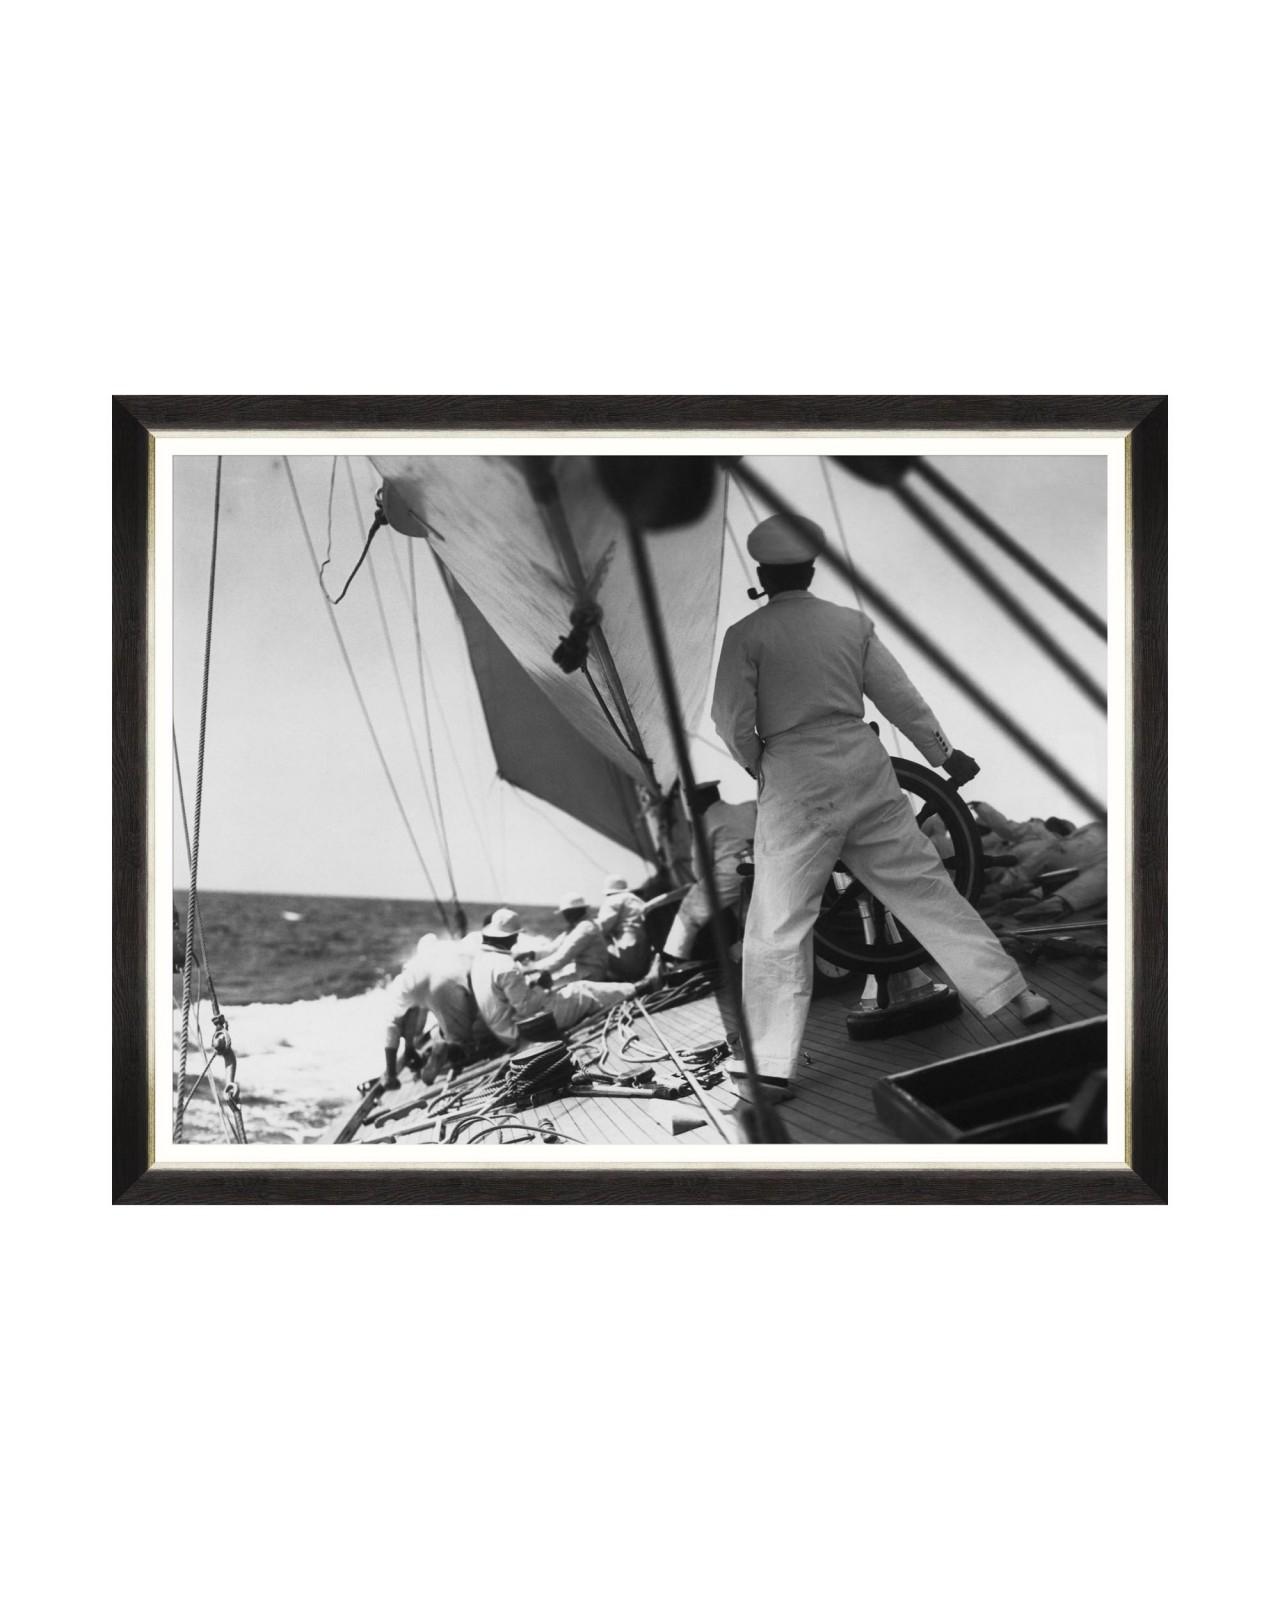 Tablou Framed Art Valkyrie I, 80 x 60 cm imagine